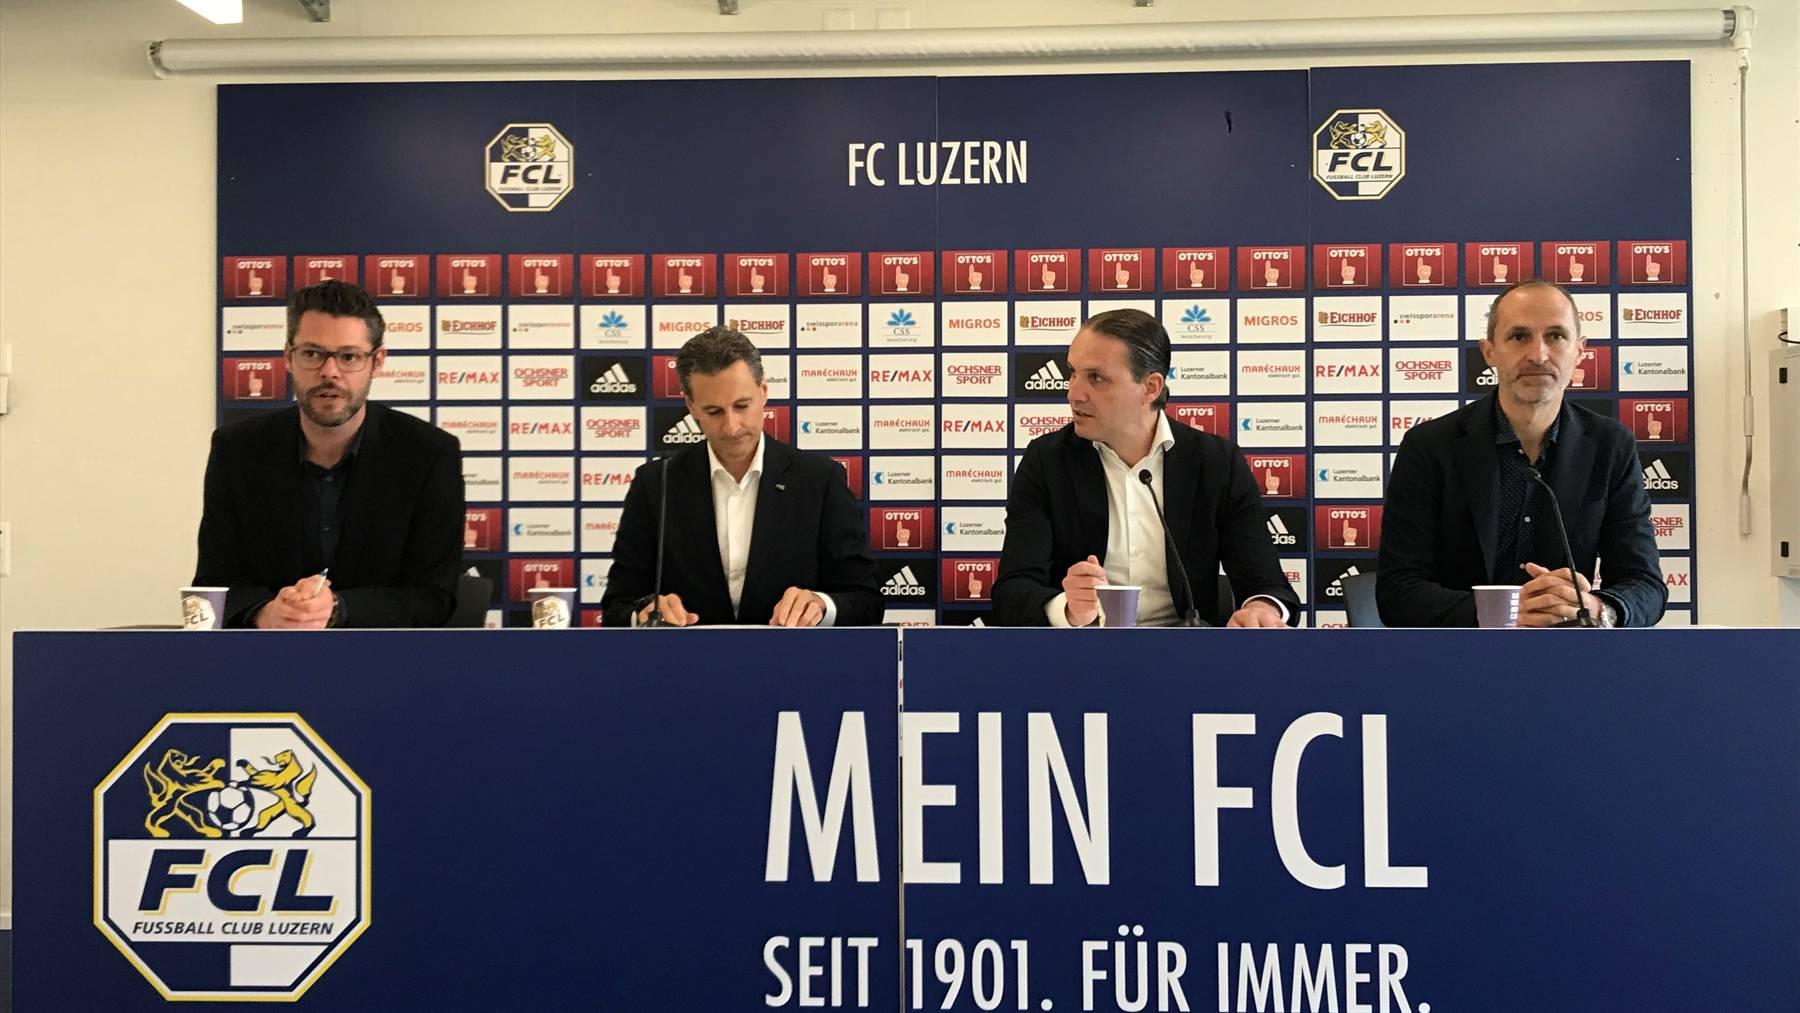 Der FC Luzern zieht Bilanz der Saison 2018/19